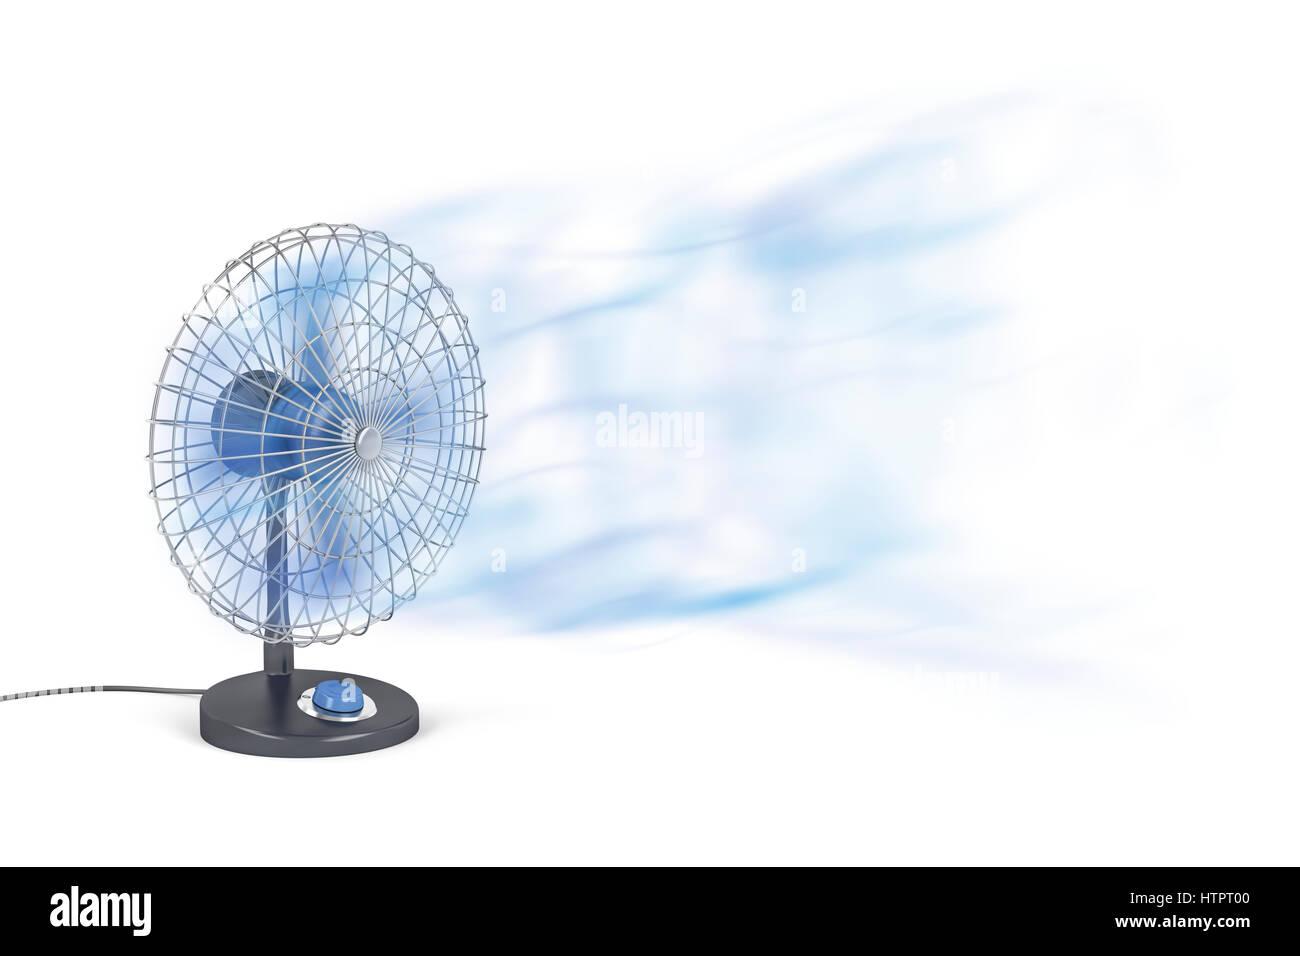 Ventilador Electrico De Soplado De Aire Frio Foto Imagen De Stock